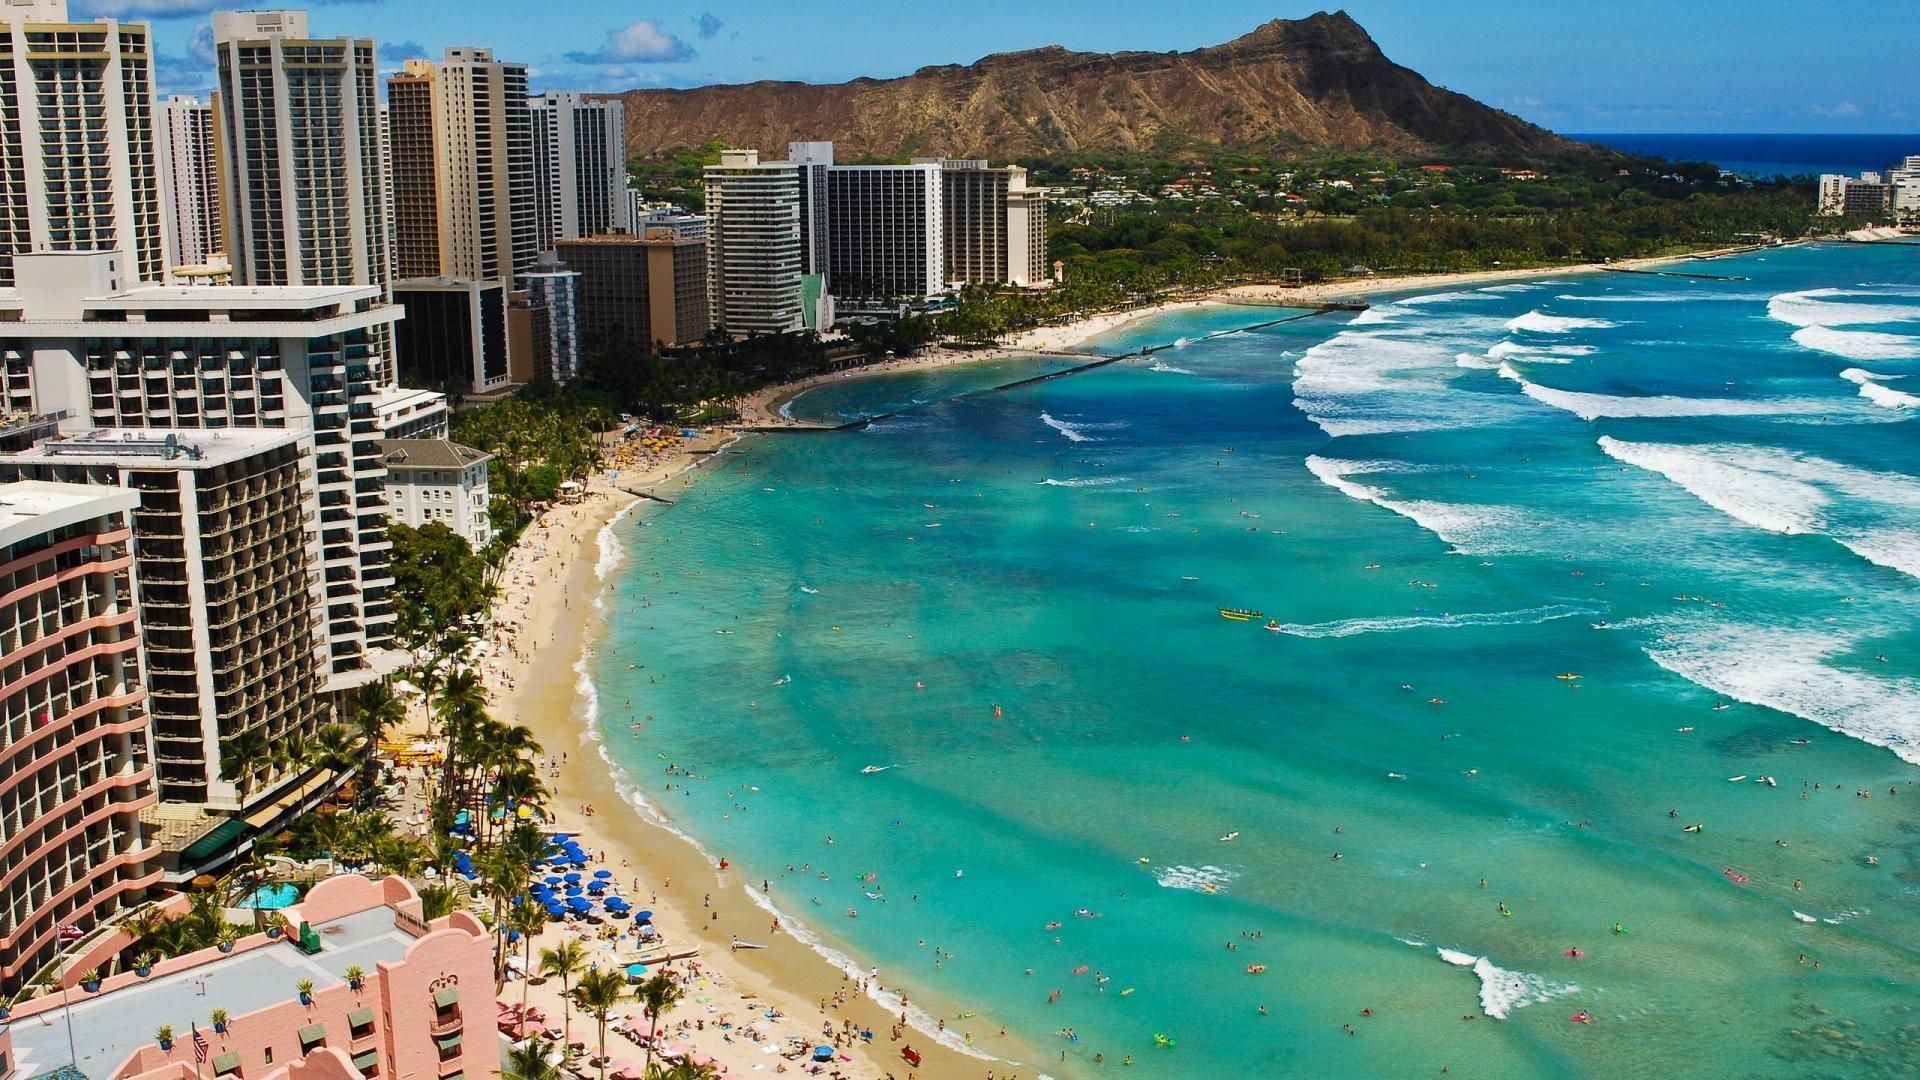 Photosl-HD-Wallpaper-Hawaii